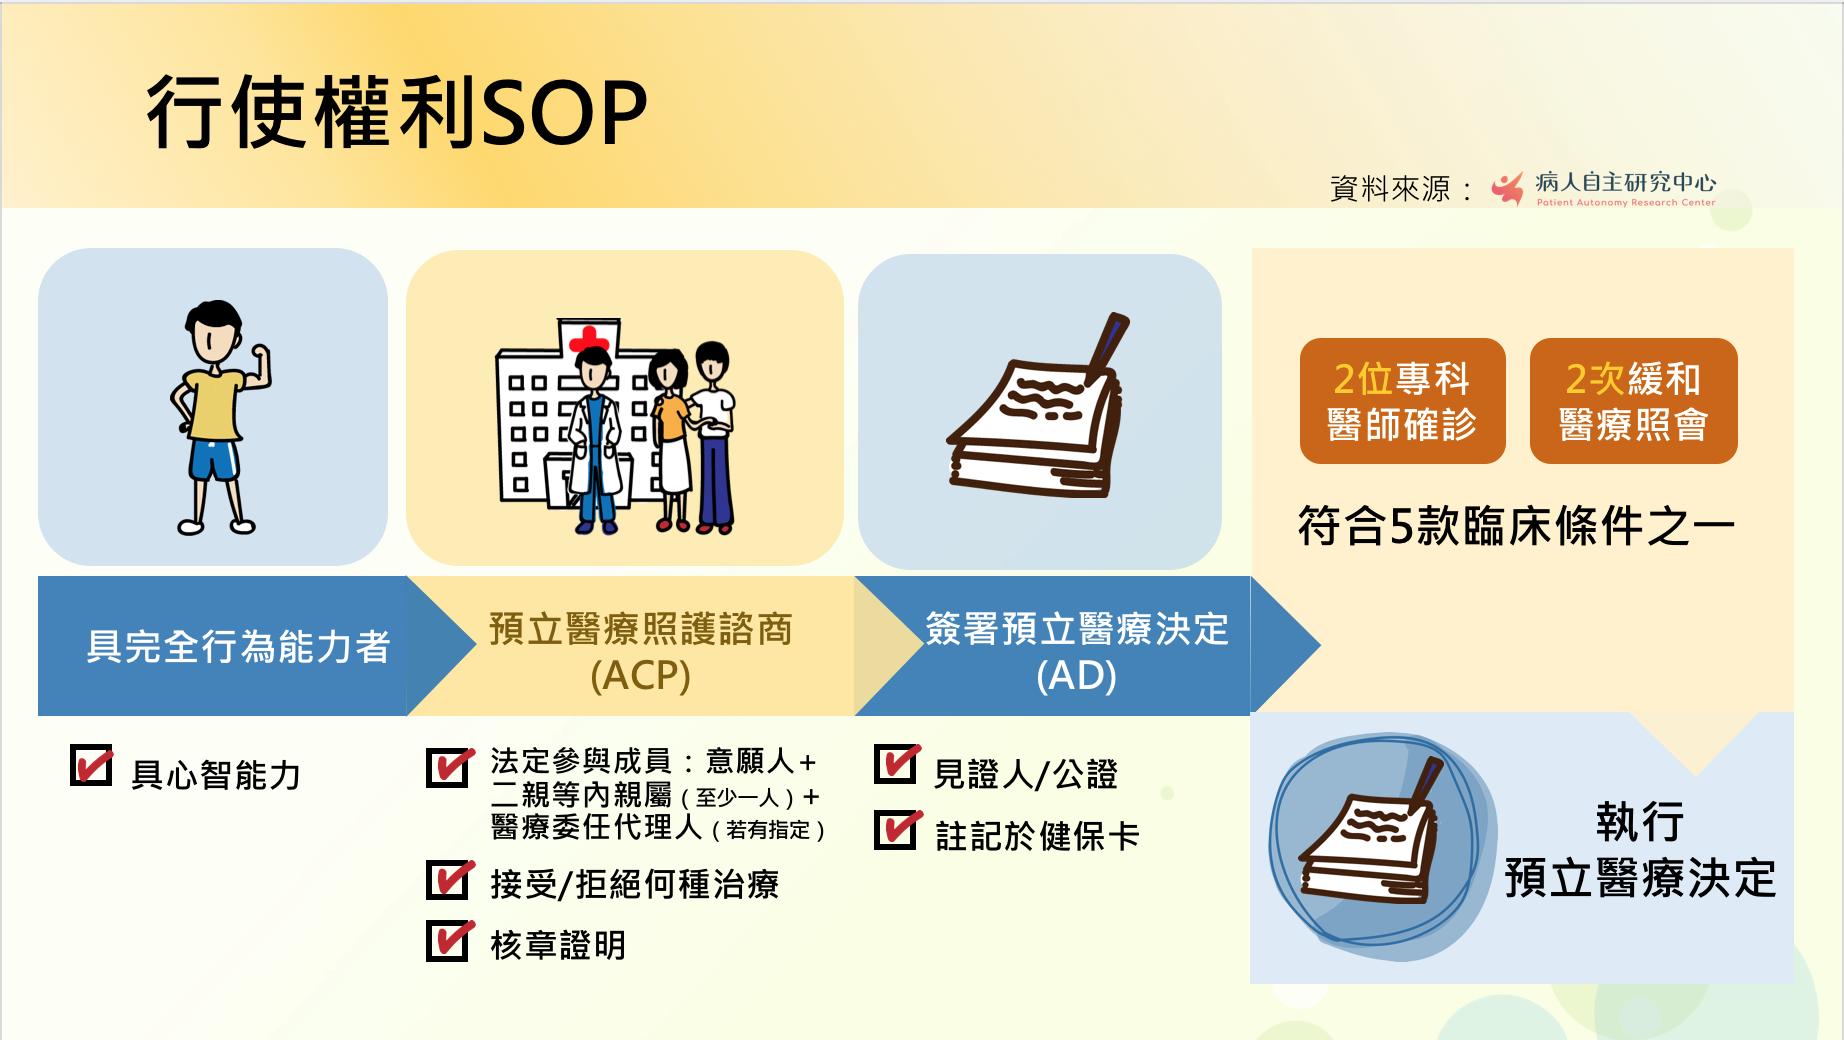 病主法行使權利SOP流程圖